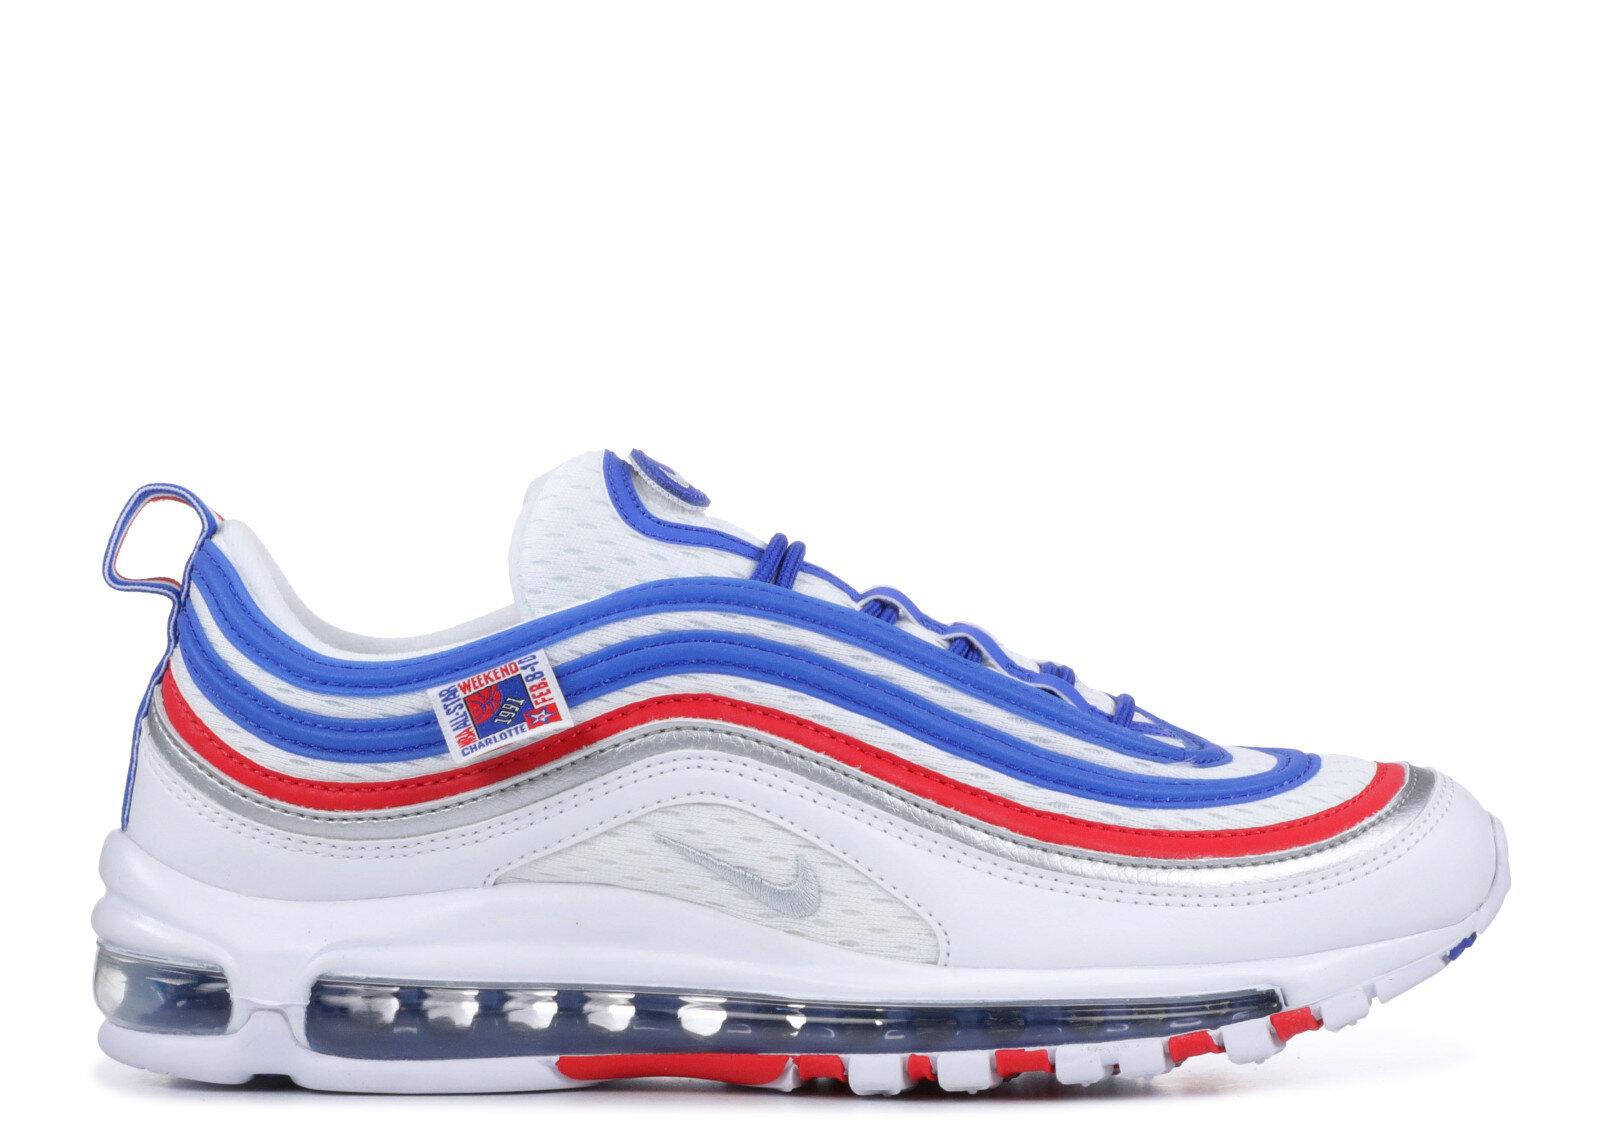 Nike-Airmax-97.1.jpg